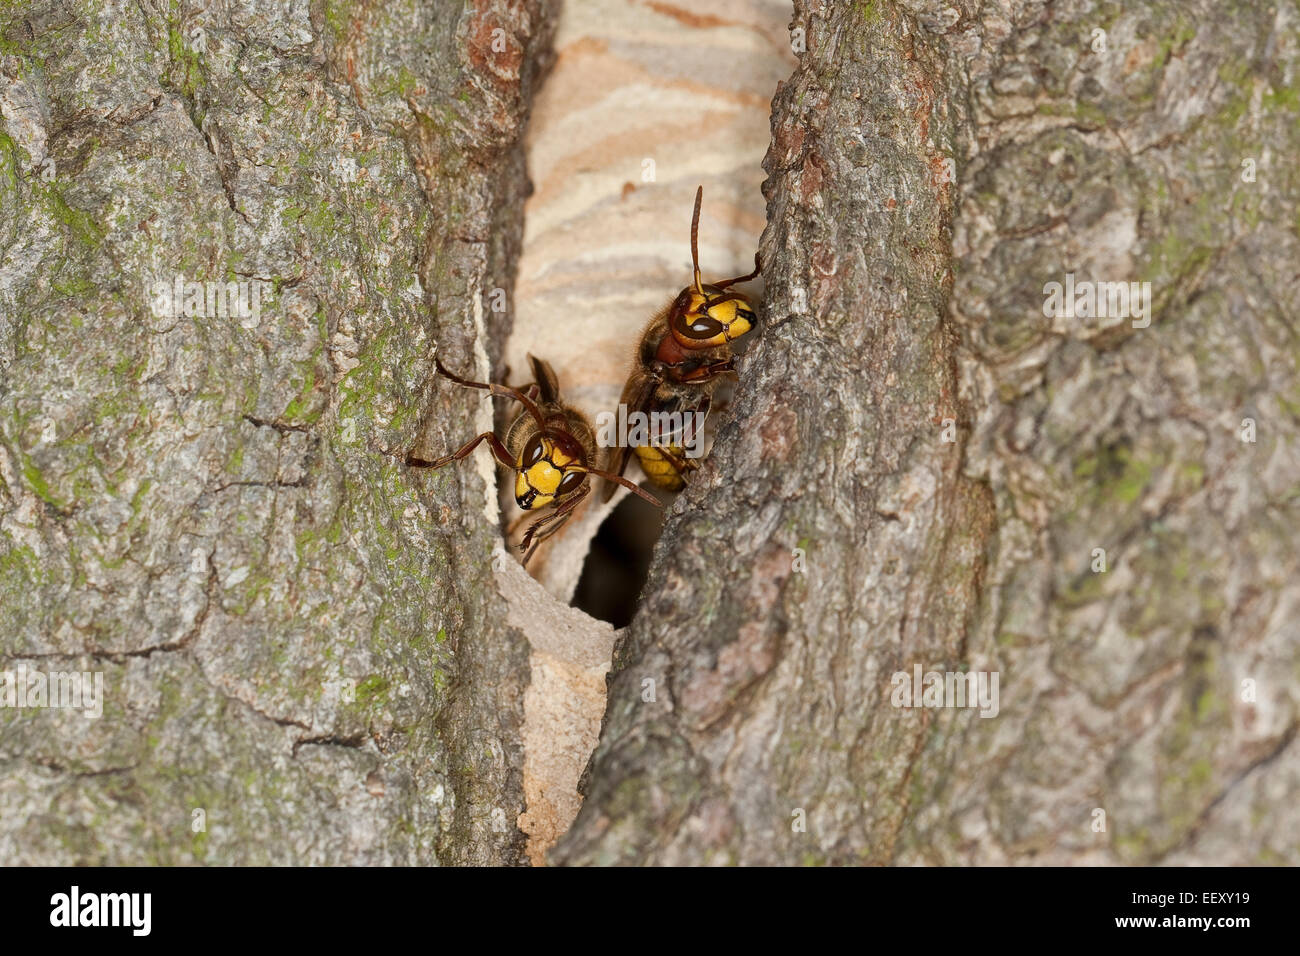 hornet brown hornet european hornet nest hole hornets